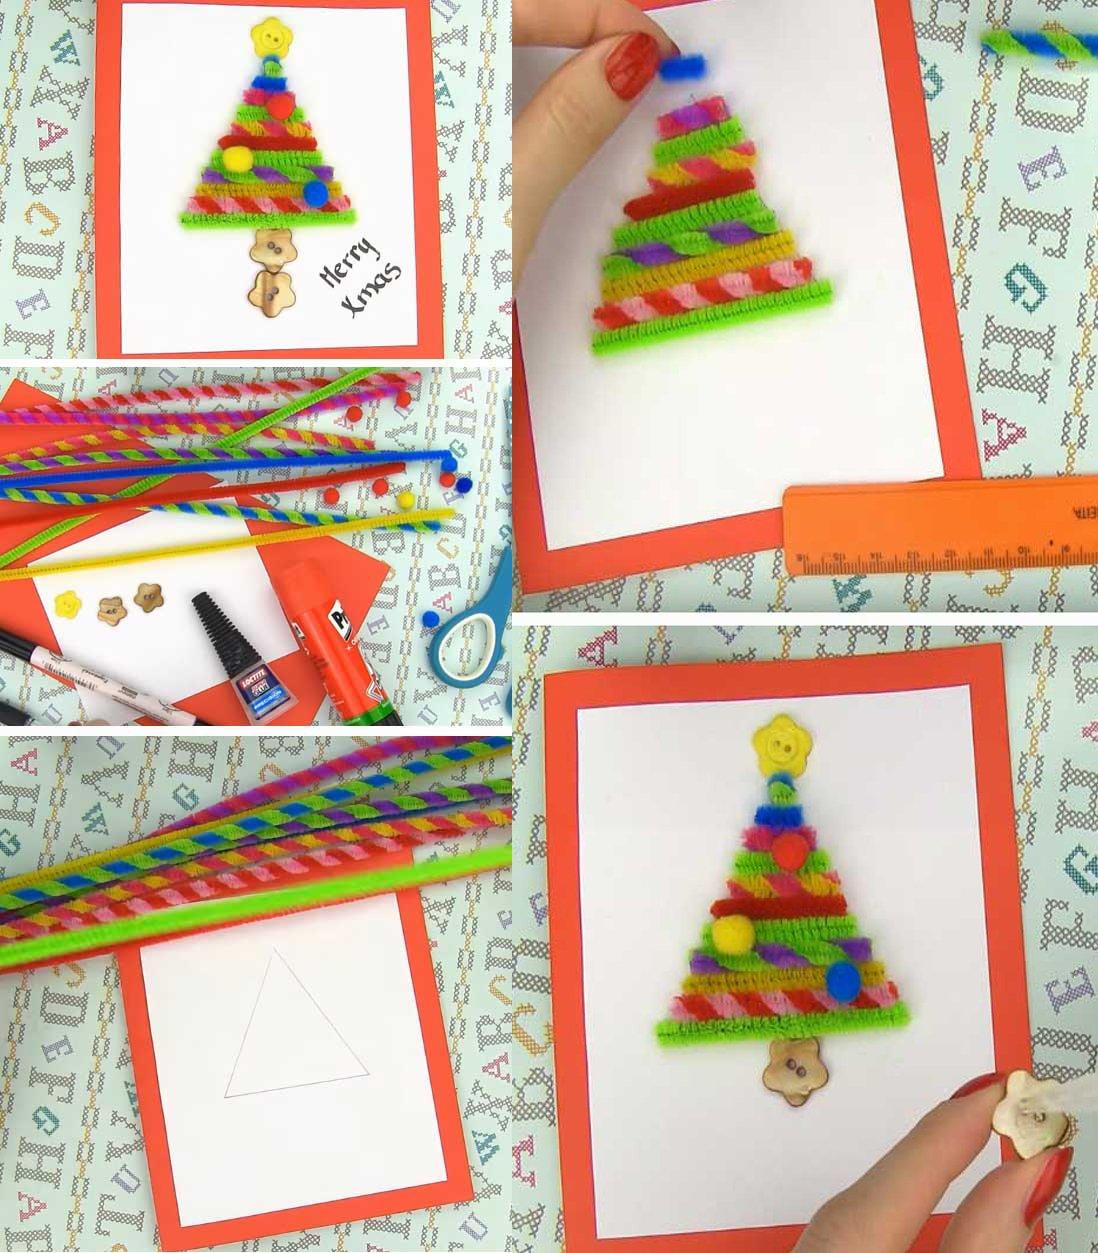 15 Originales tarjetas que puedes regalar esta navidad